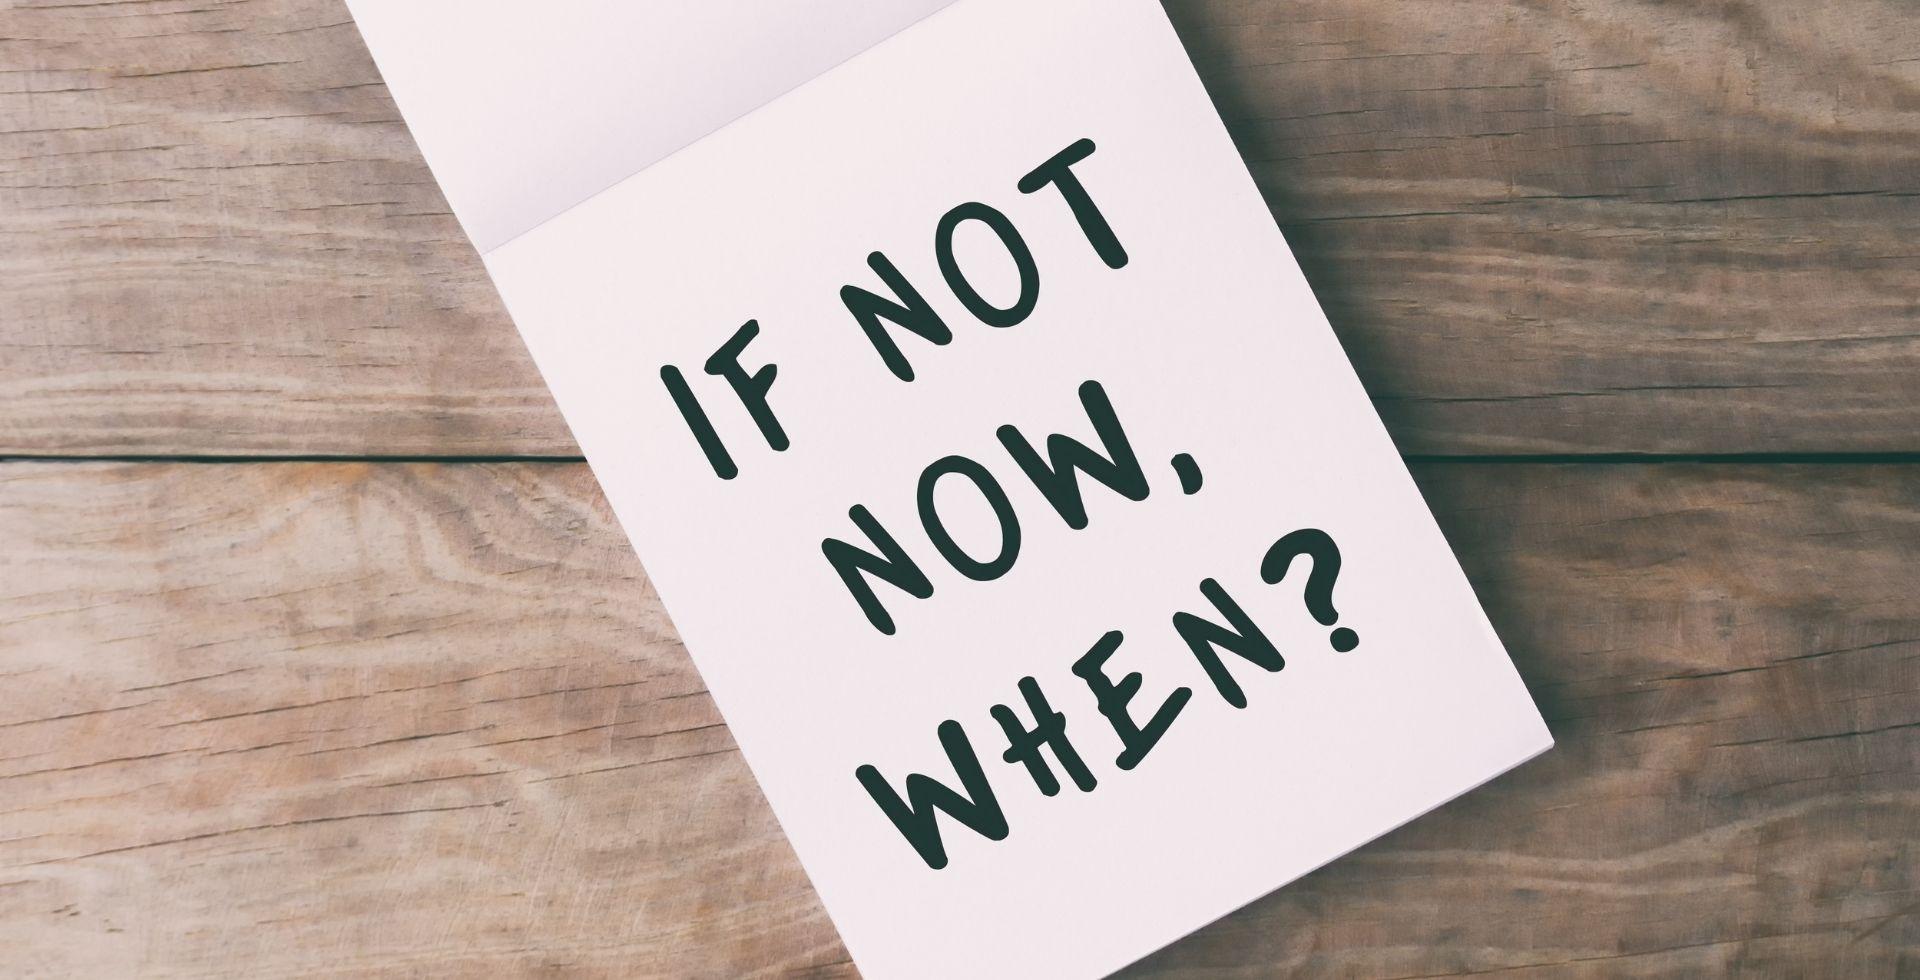 Hayallerinize ulaşmak için şimdi değilse ne zaman harekete geçeceksiniz?